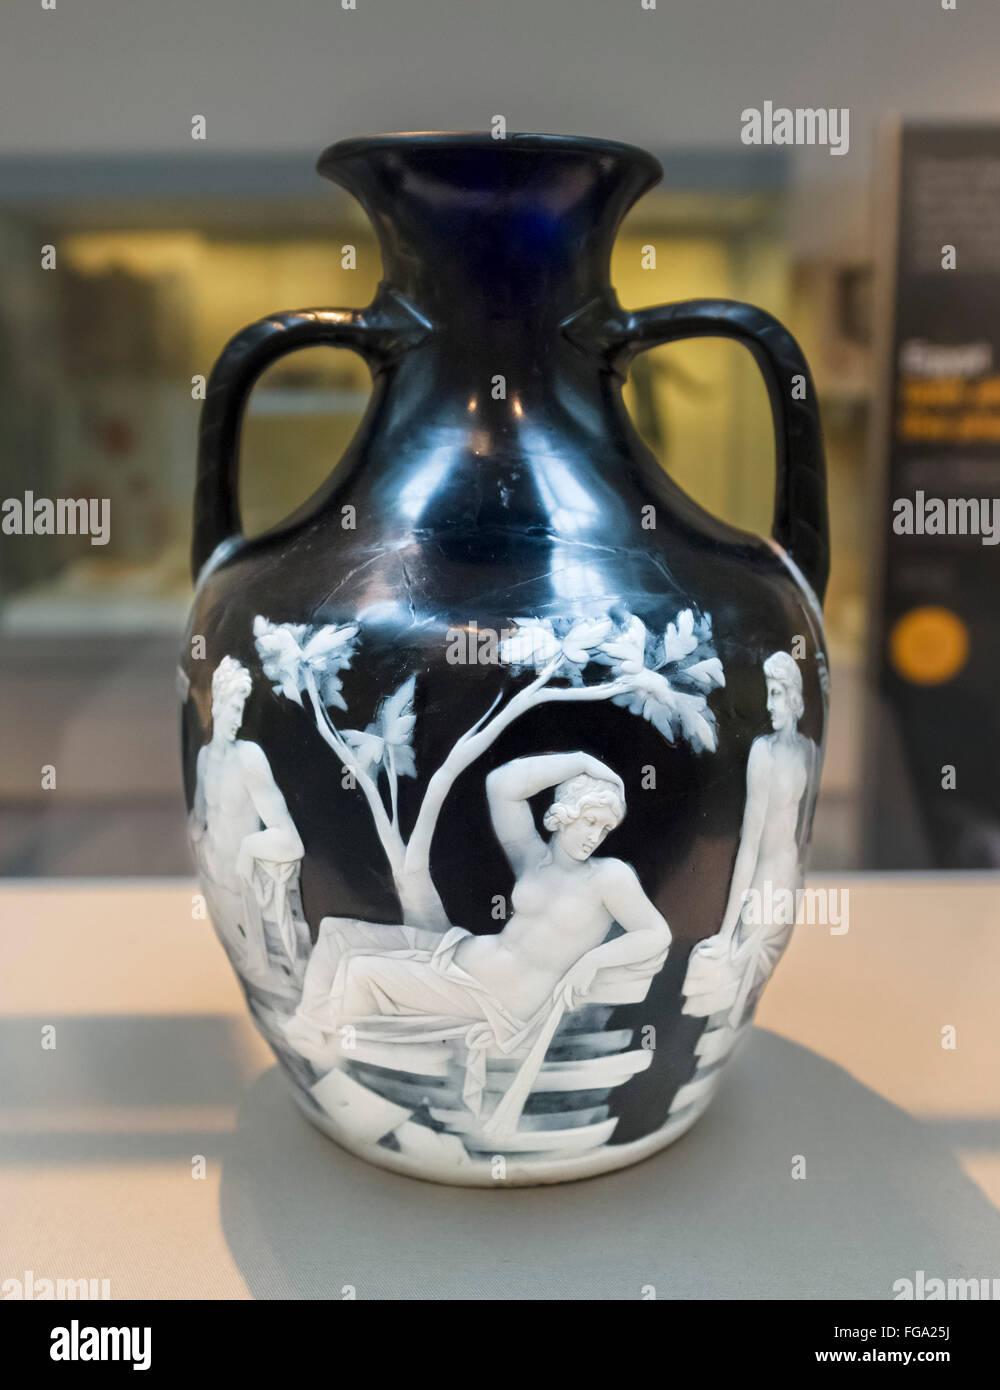 Le Vase de Portland, un vase en verre camée Romain entre 15 BC et AD 25, Wolfson Gallery, British Museum, Londres, Angleterre, Royaume-Uni Banque D'Images